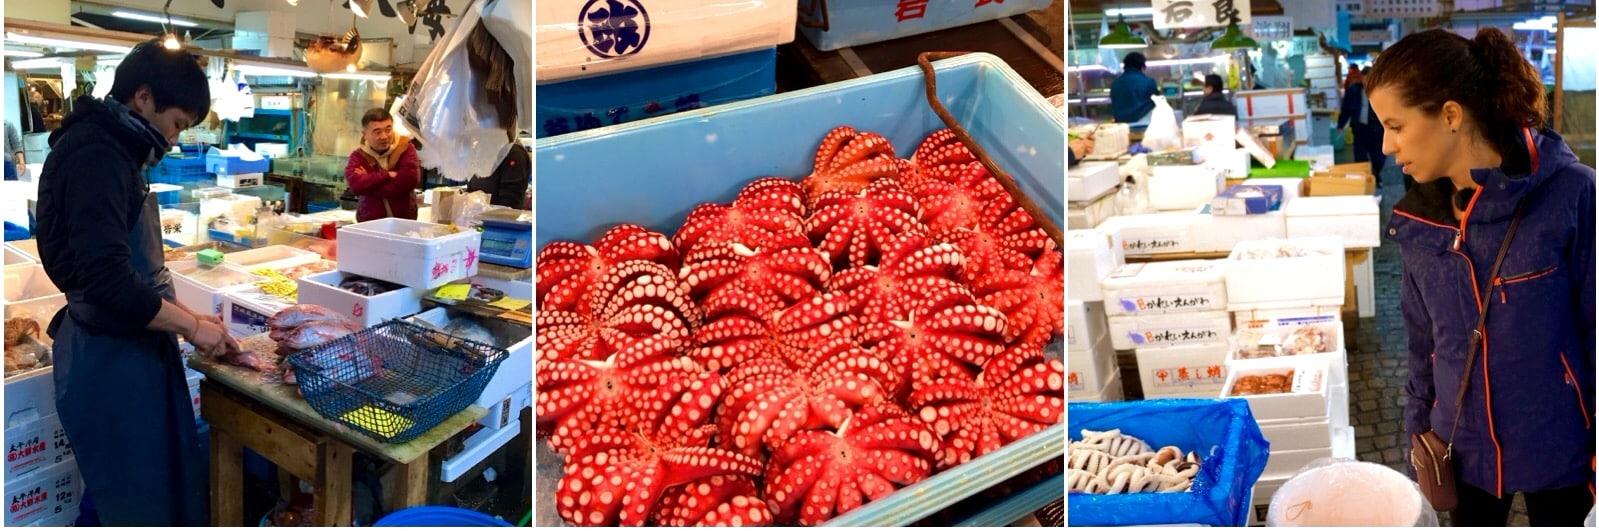 Tsuijki Fish market